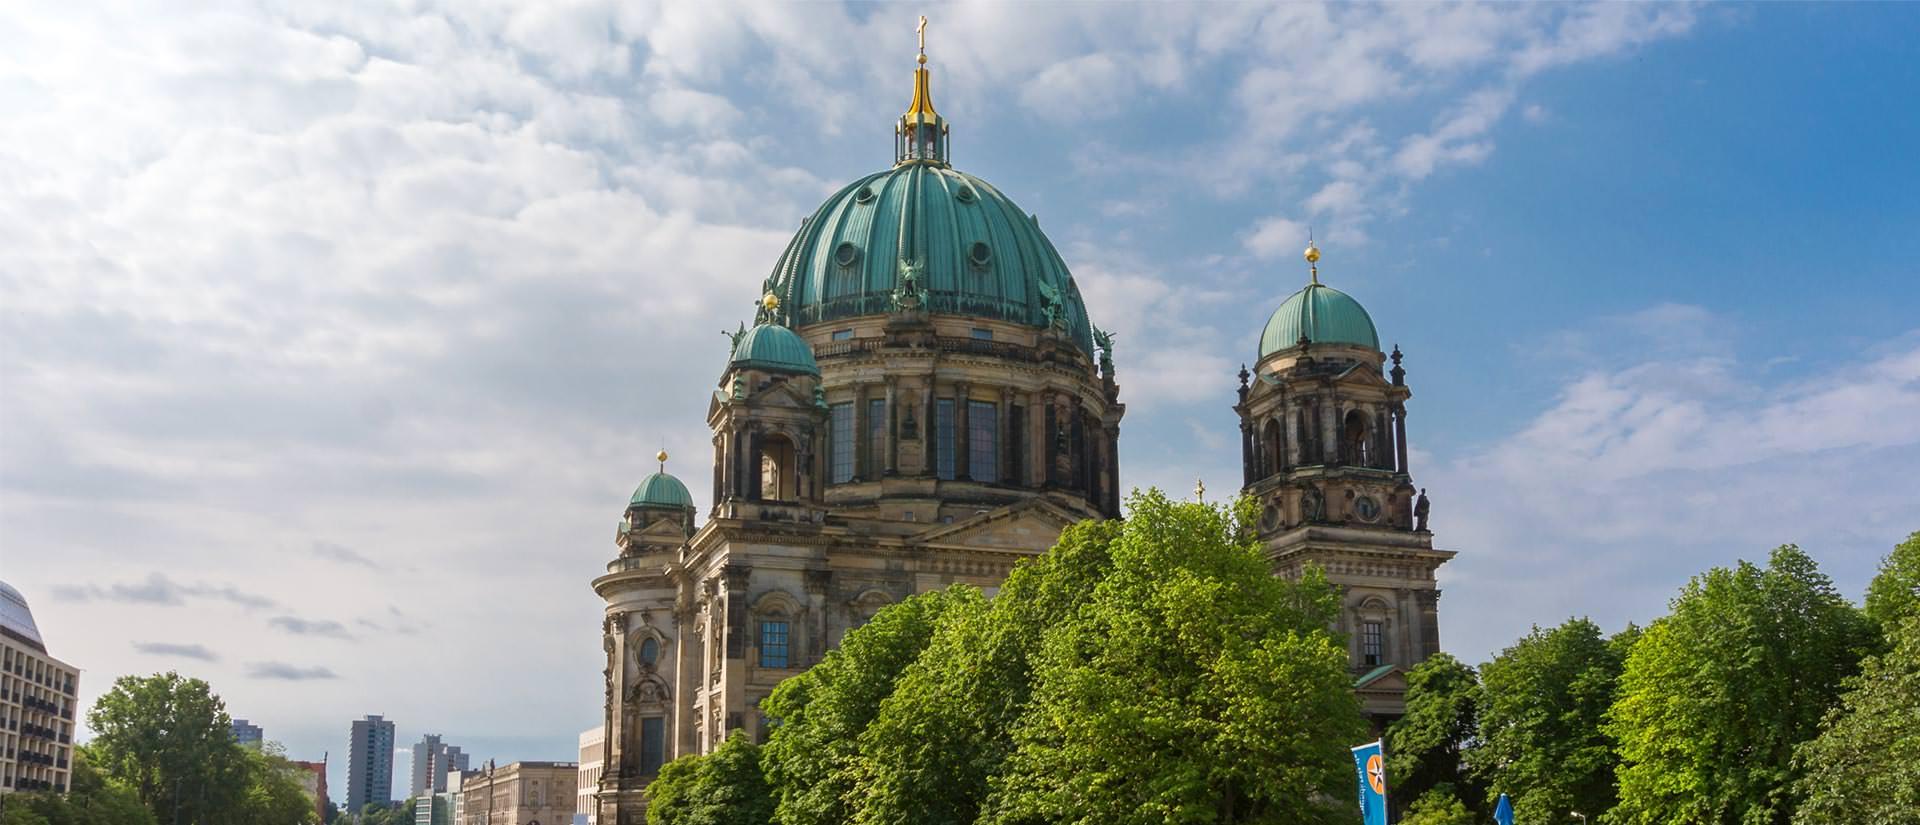 טיול לברלין - 7 ימים - טיול כוכב